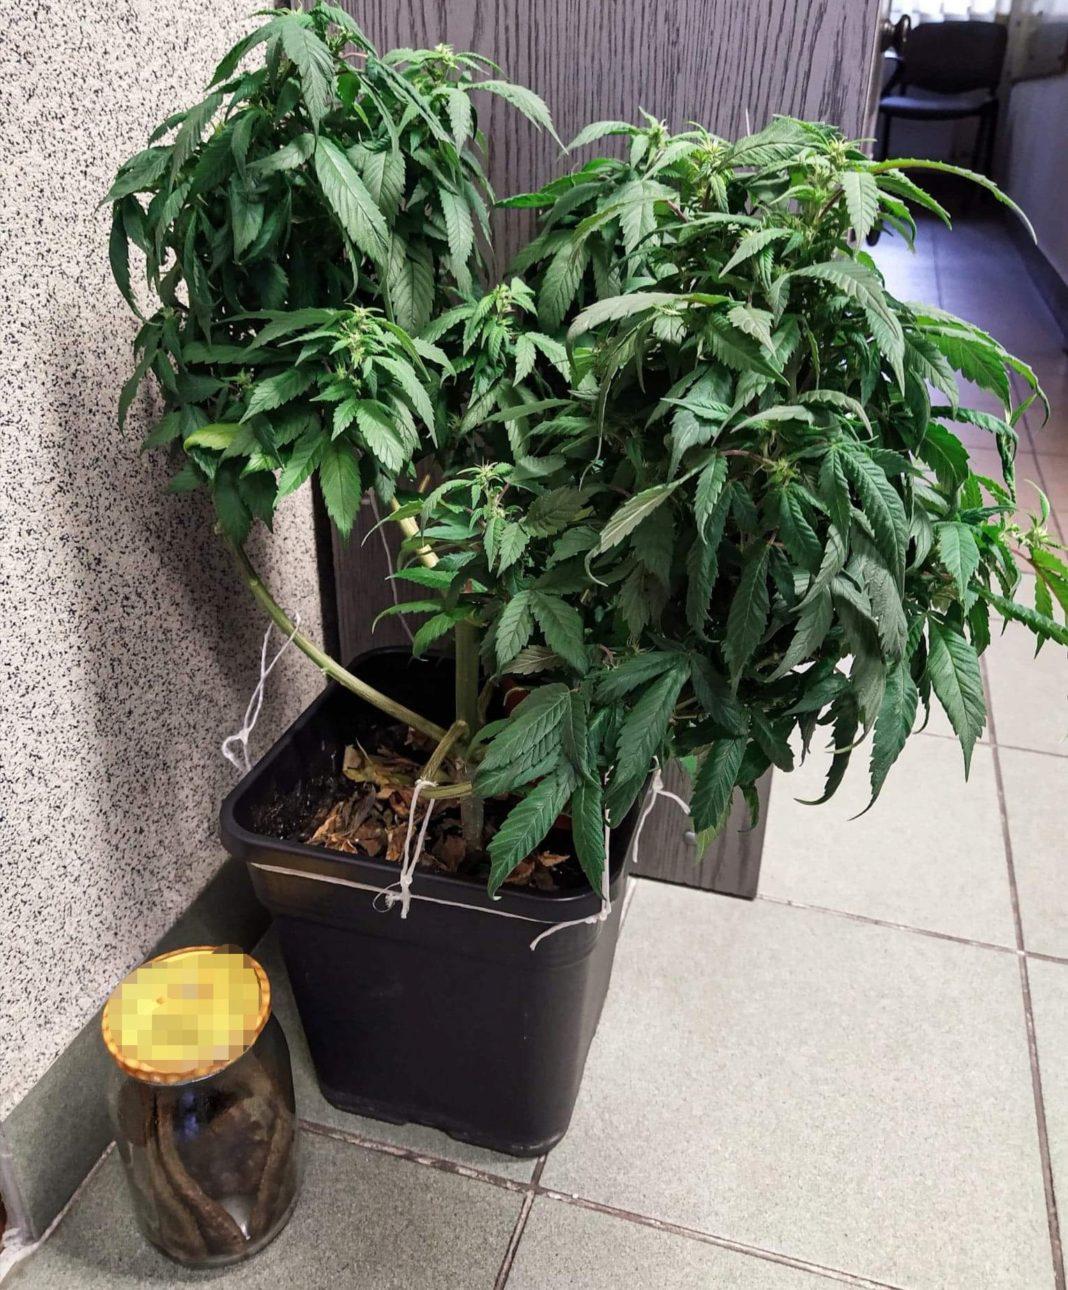 To miała być wyjątkowa kolacja dla mamy. Miała być nie tylko smaczna, ale też sprawić, żeby mama 28 latka poczuła się naprawdę dobrze. Skończyło się jednak inaczej niż planował kochający syn. Mamę przewieziono do szpitala, a MasterChef, który usmażył dla niej naleśniki z marihuaną trafił do policyjnego aresztu.